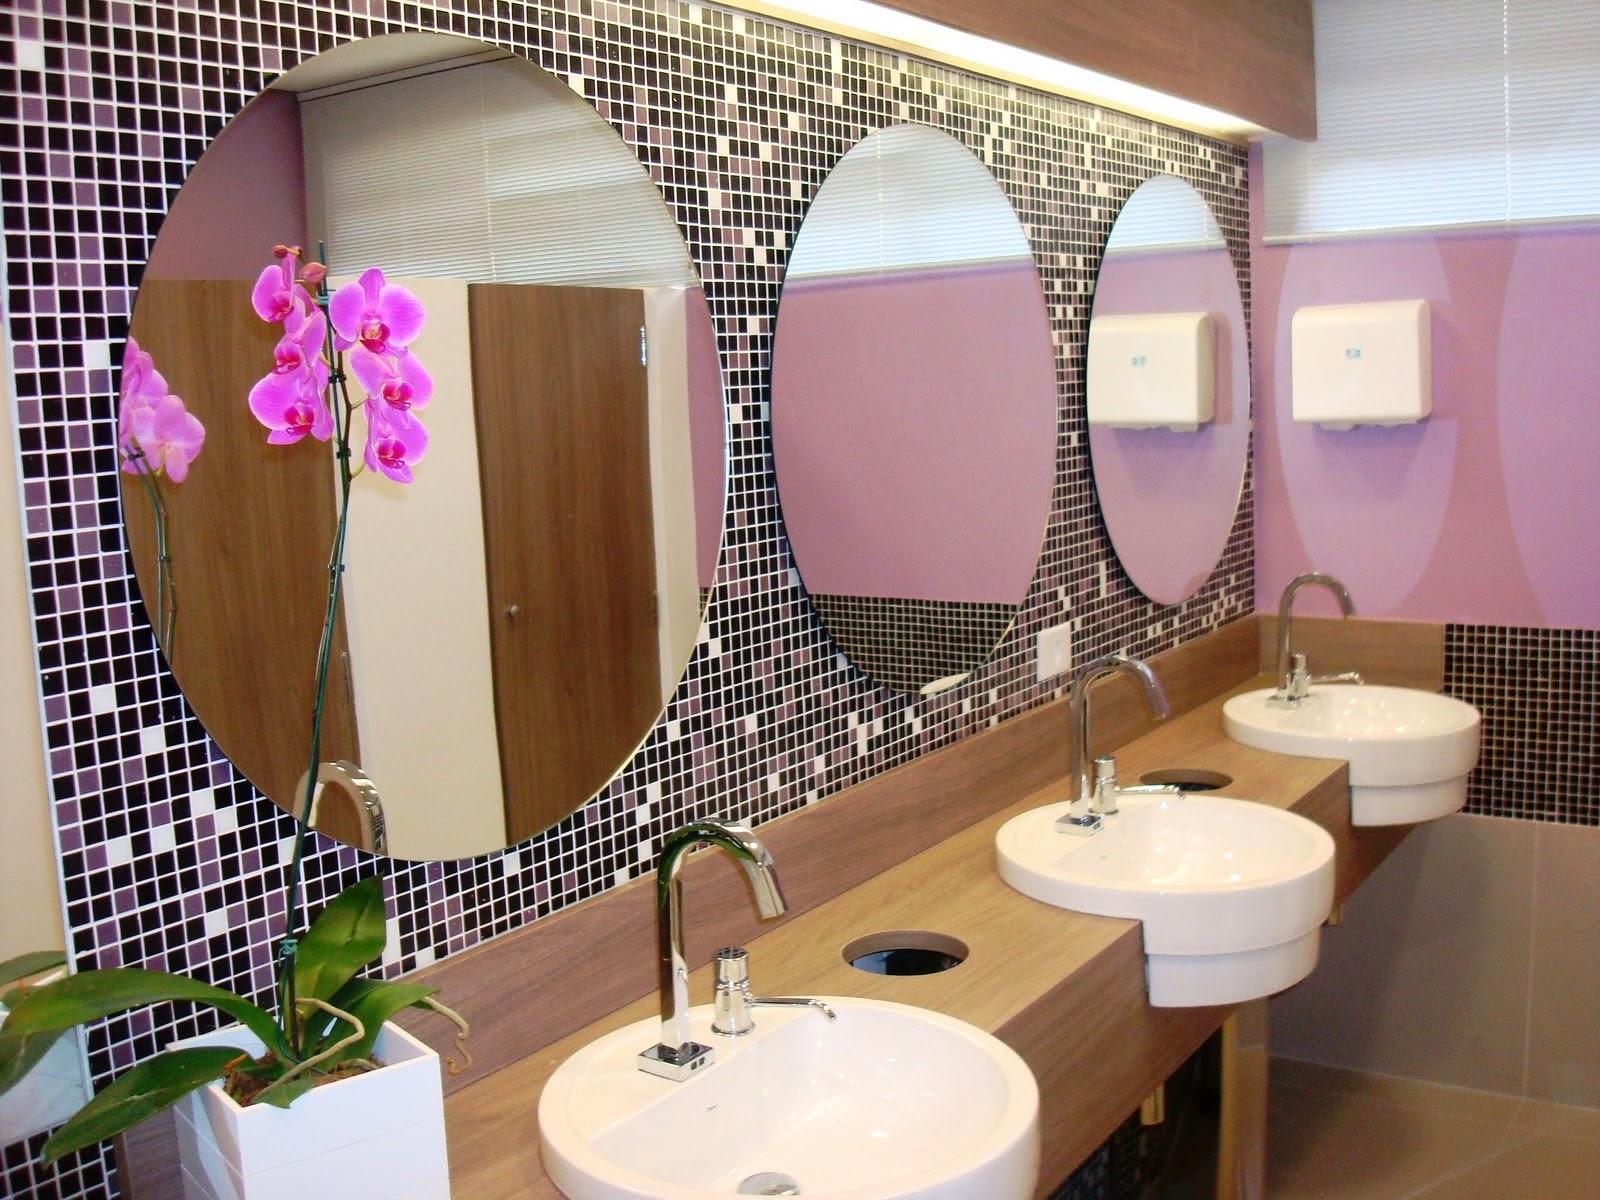 Tipos De Cubas Para Banheiro Veja Os Pros E Os Contras Decor #475F1C 1600x1200